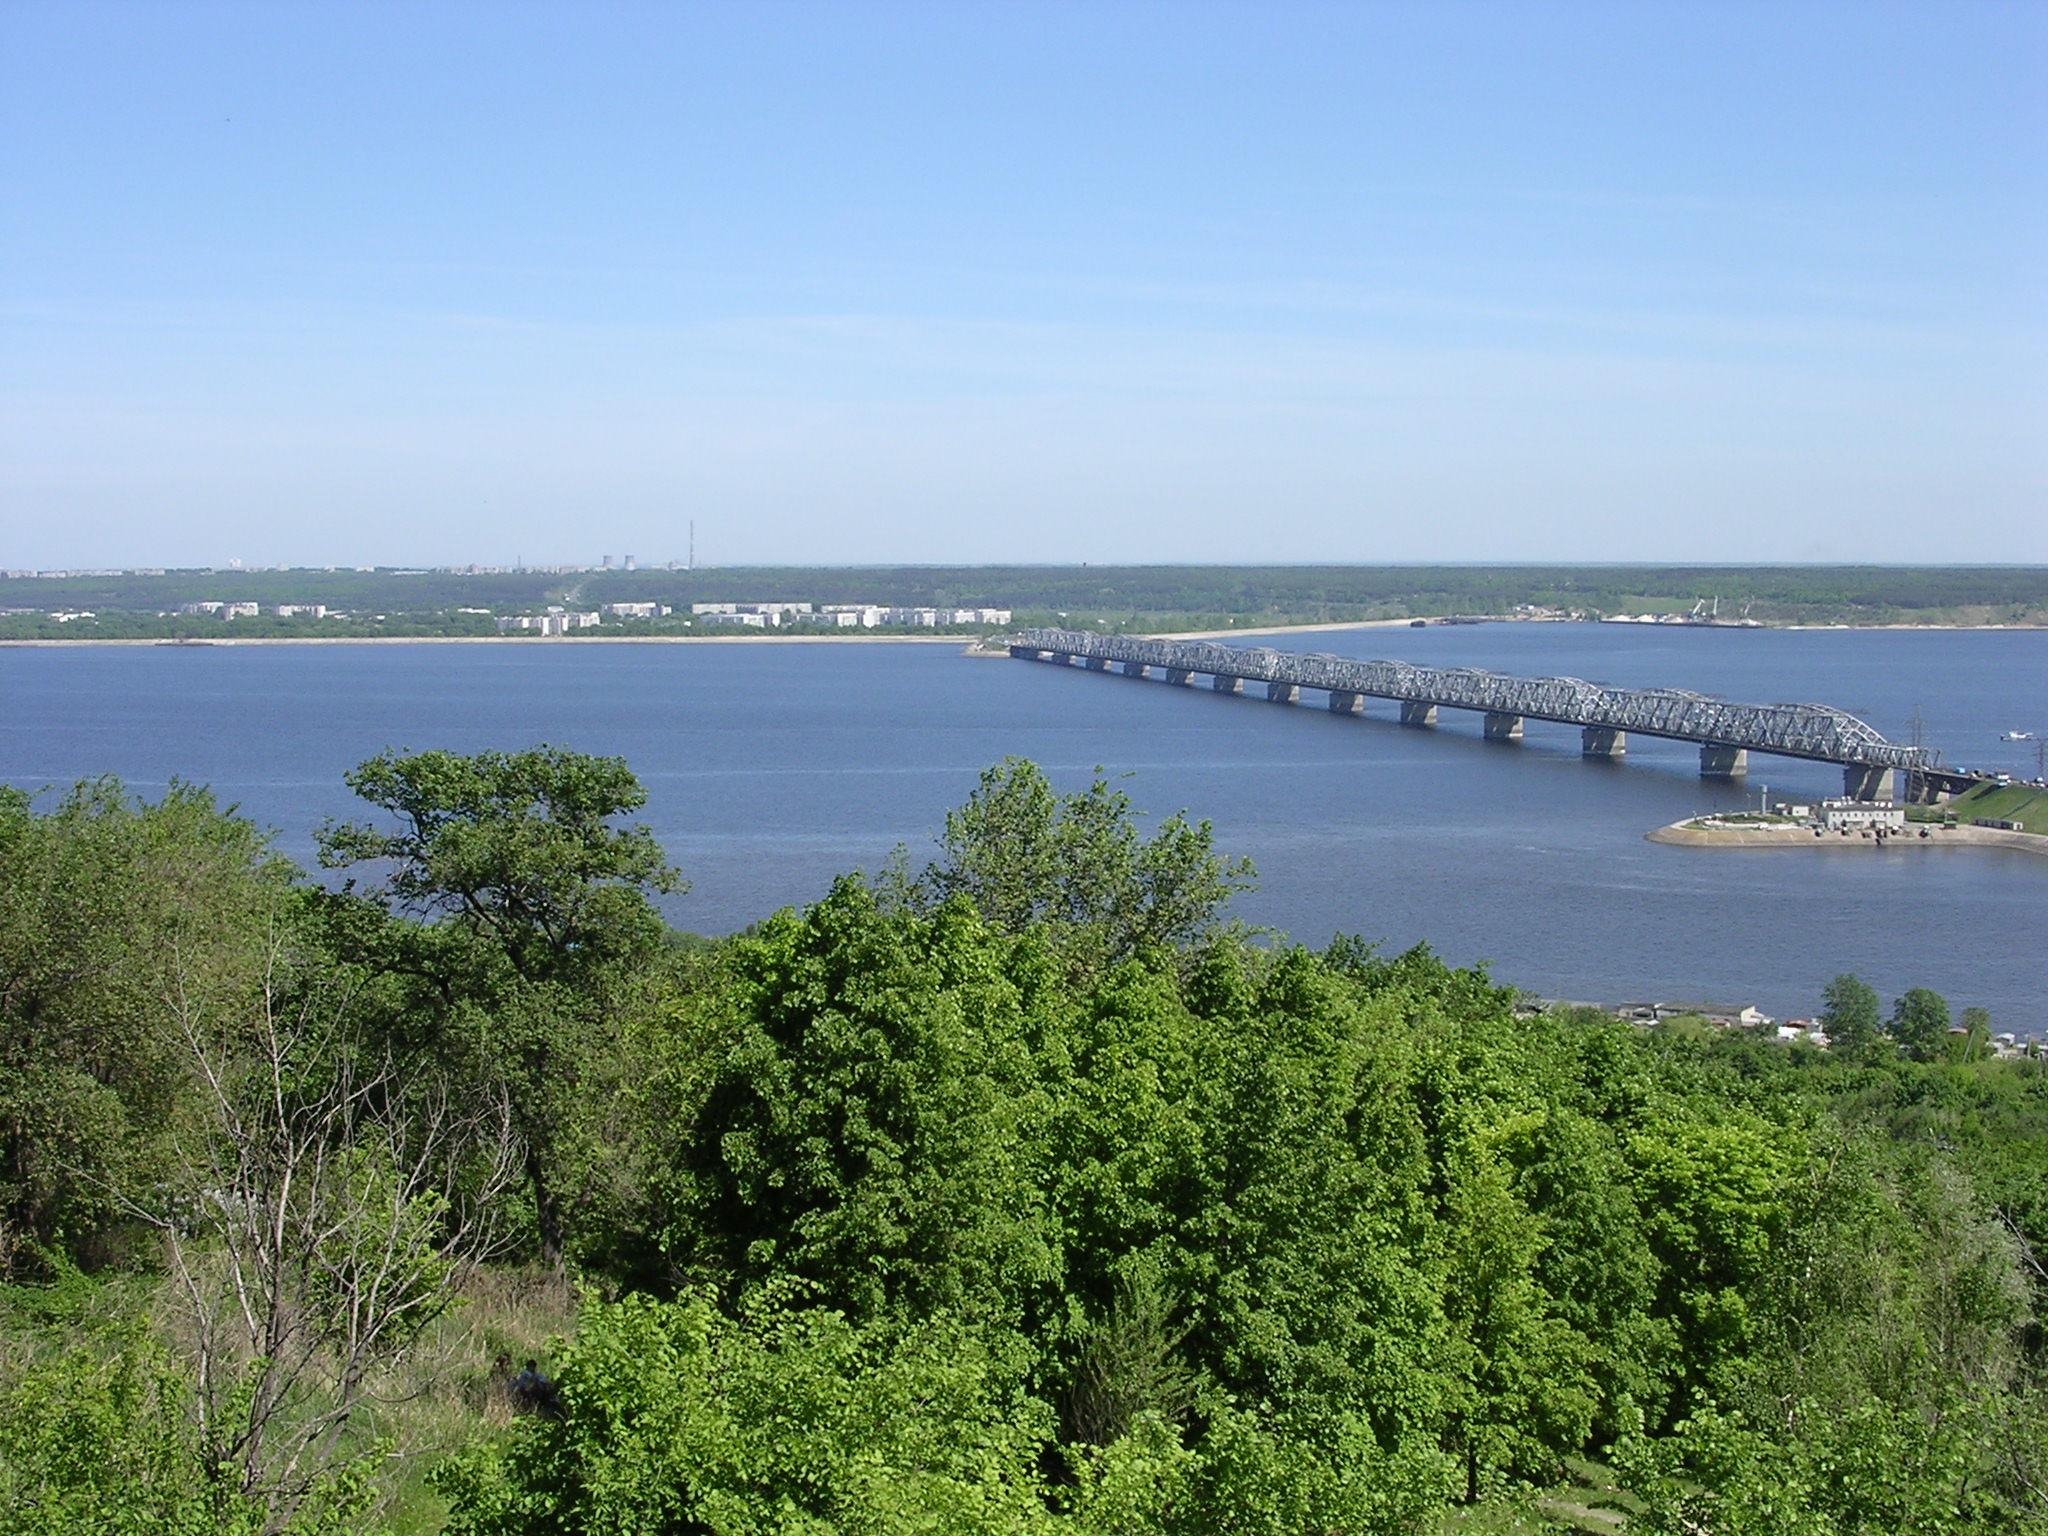 http://upload.wikimedia.org/wikipedia/commons/8/89/Volga_Ulyanovsk-oliv.jpg